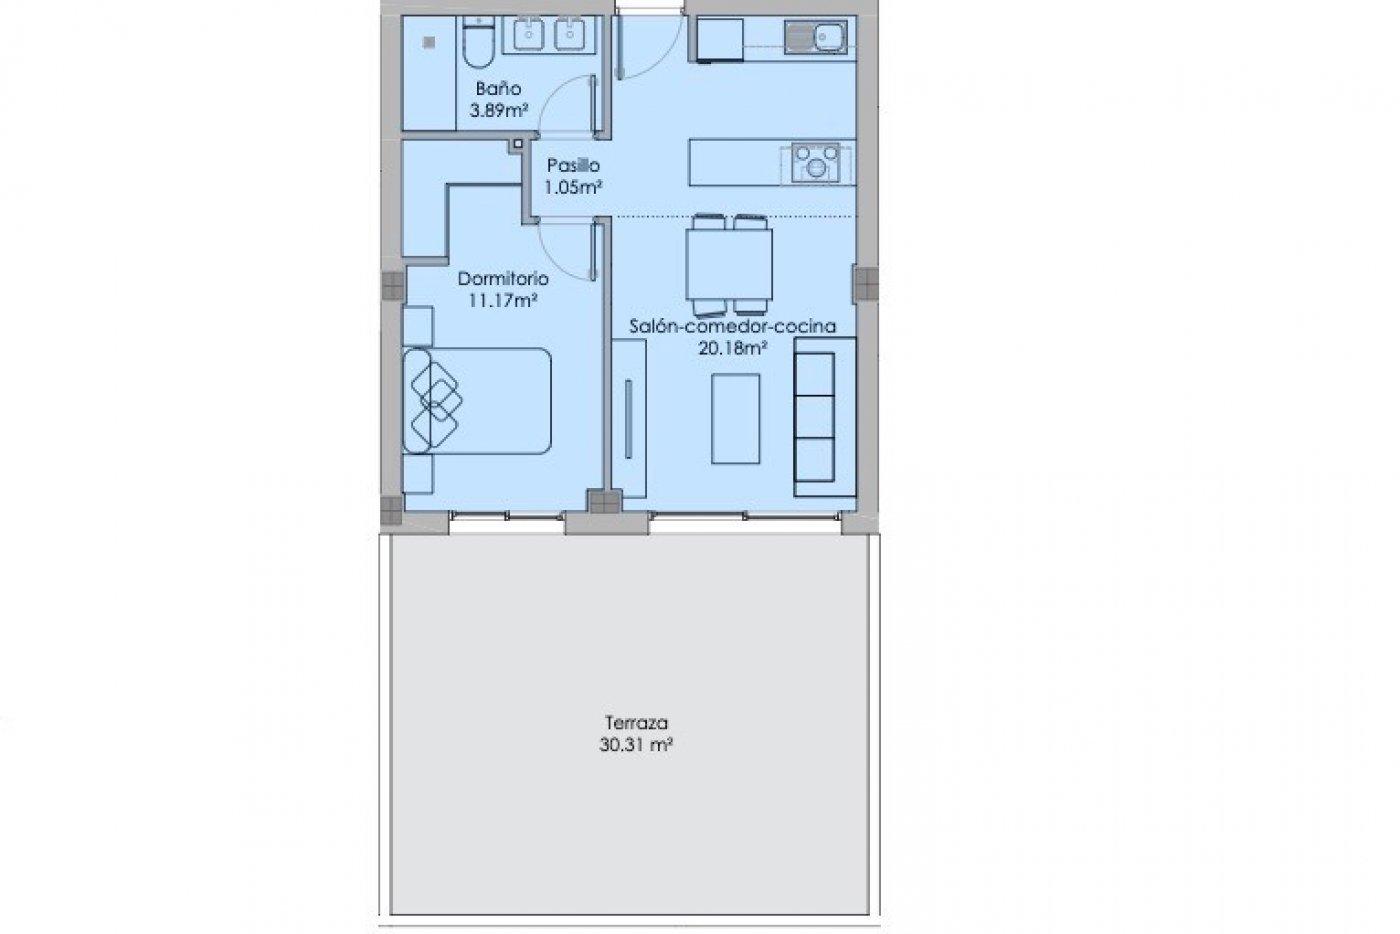 Galleribillede 1 of Fantastisk 2 værelses luksus lejlighed med 30 m2 terrasse og